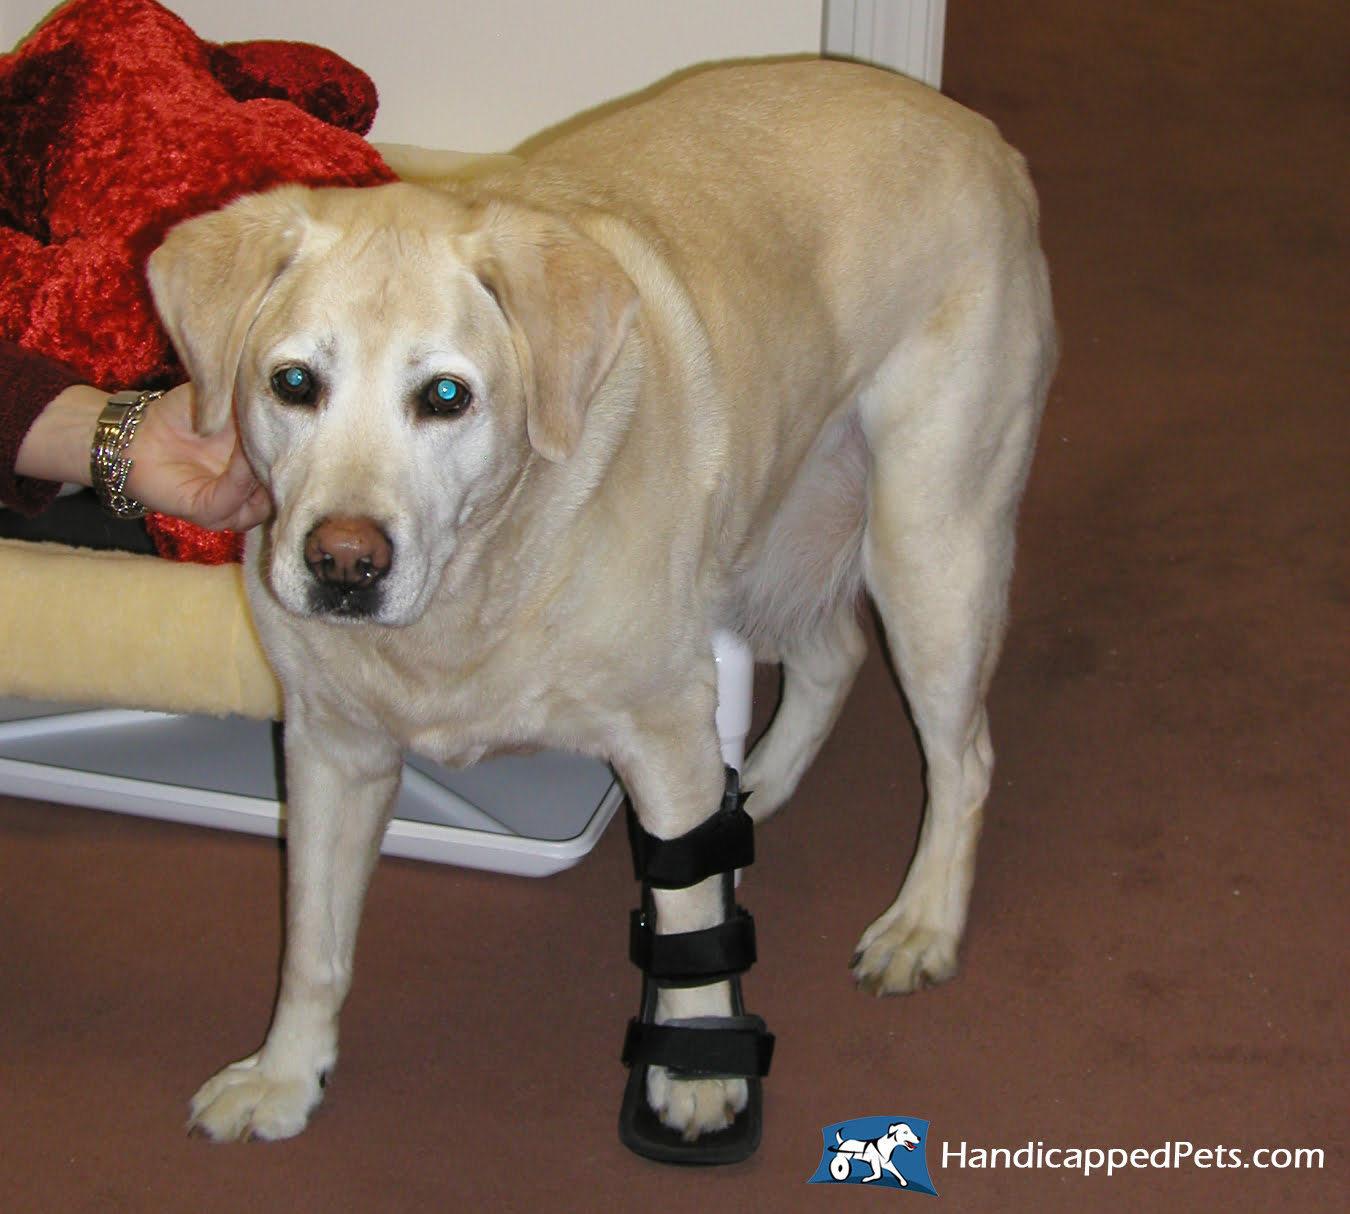 Dog Splints and Canine Dog Orthotic & Prosthetics